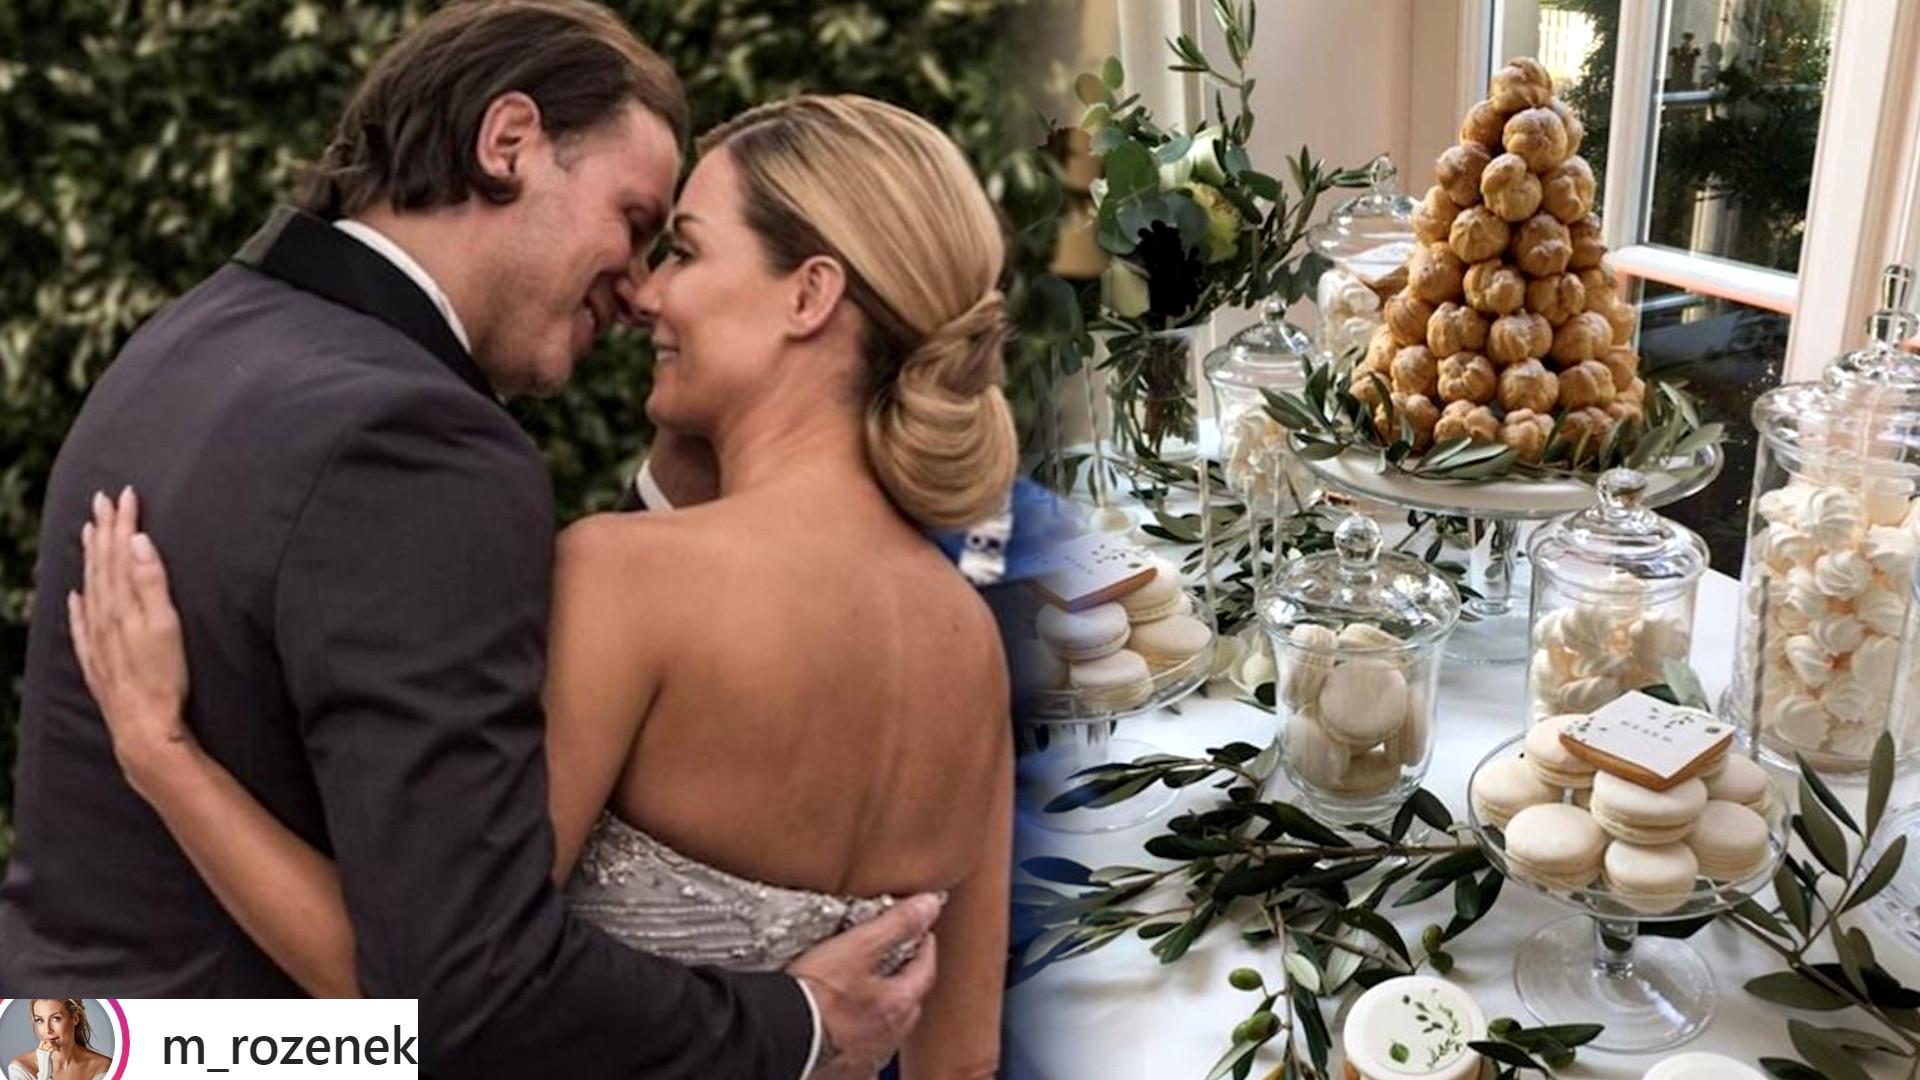 Małgorzata Rozenek-Majdan świętuje 3. rocznicę ślubu – pokazała mnóstwo zdjęć z uroczystości